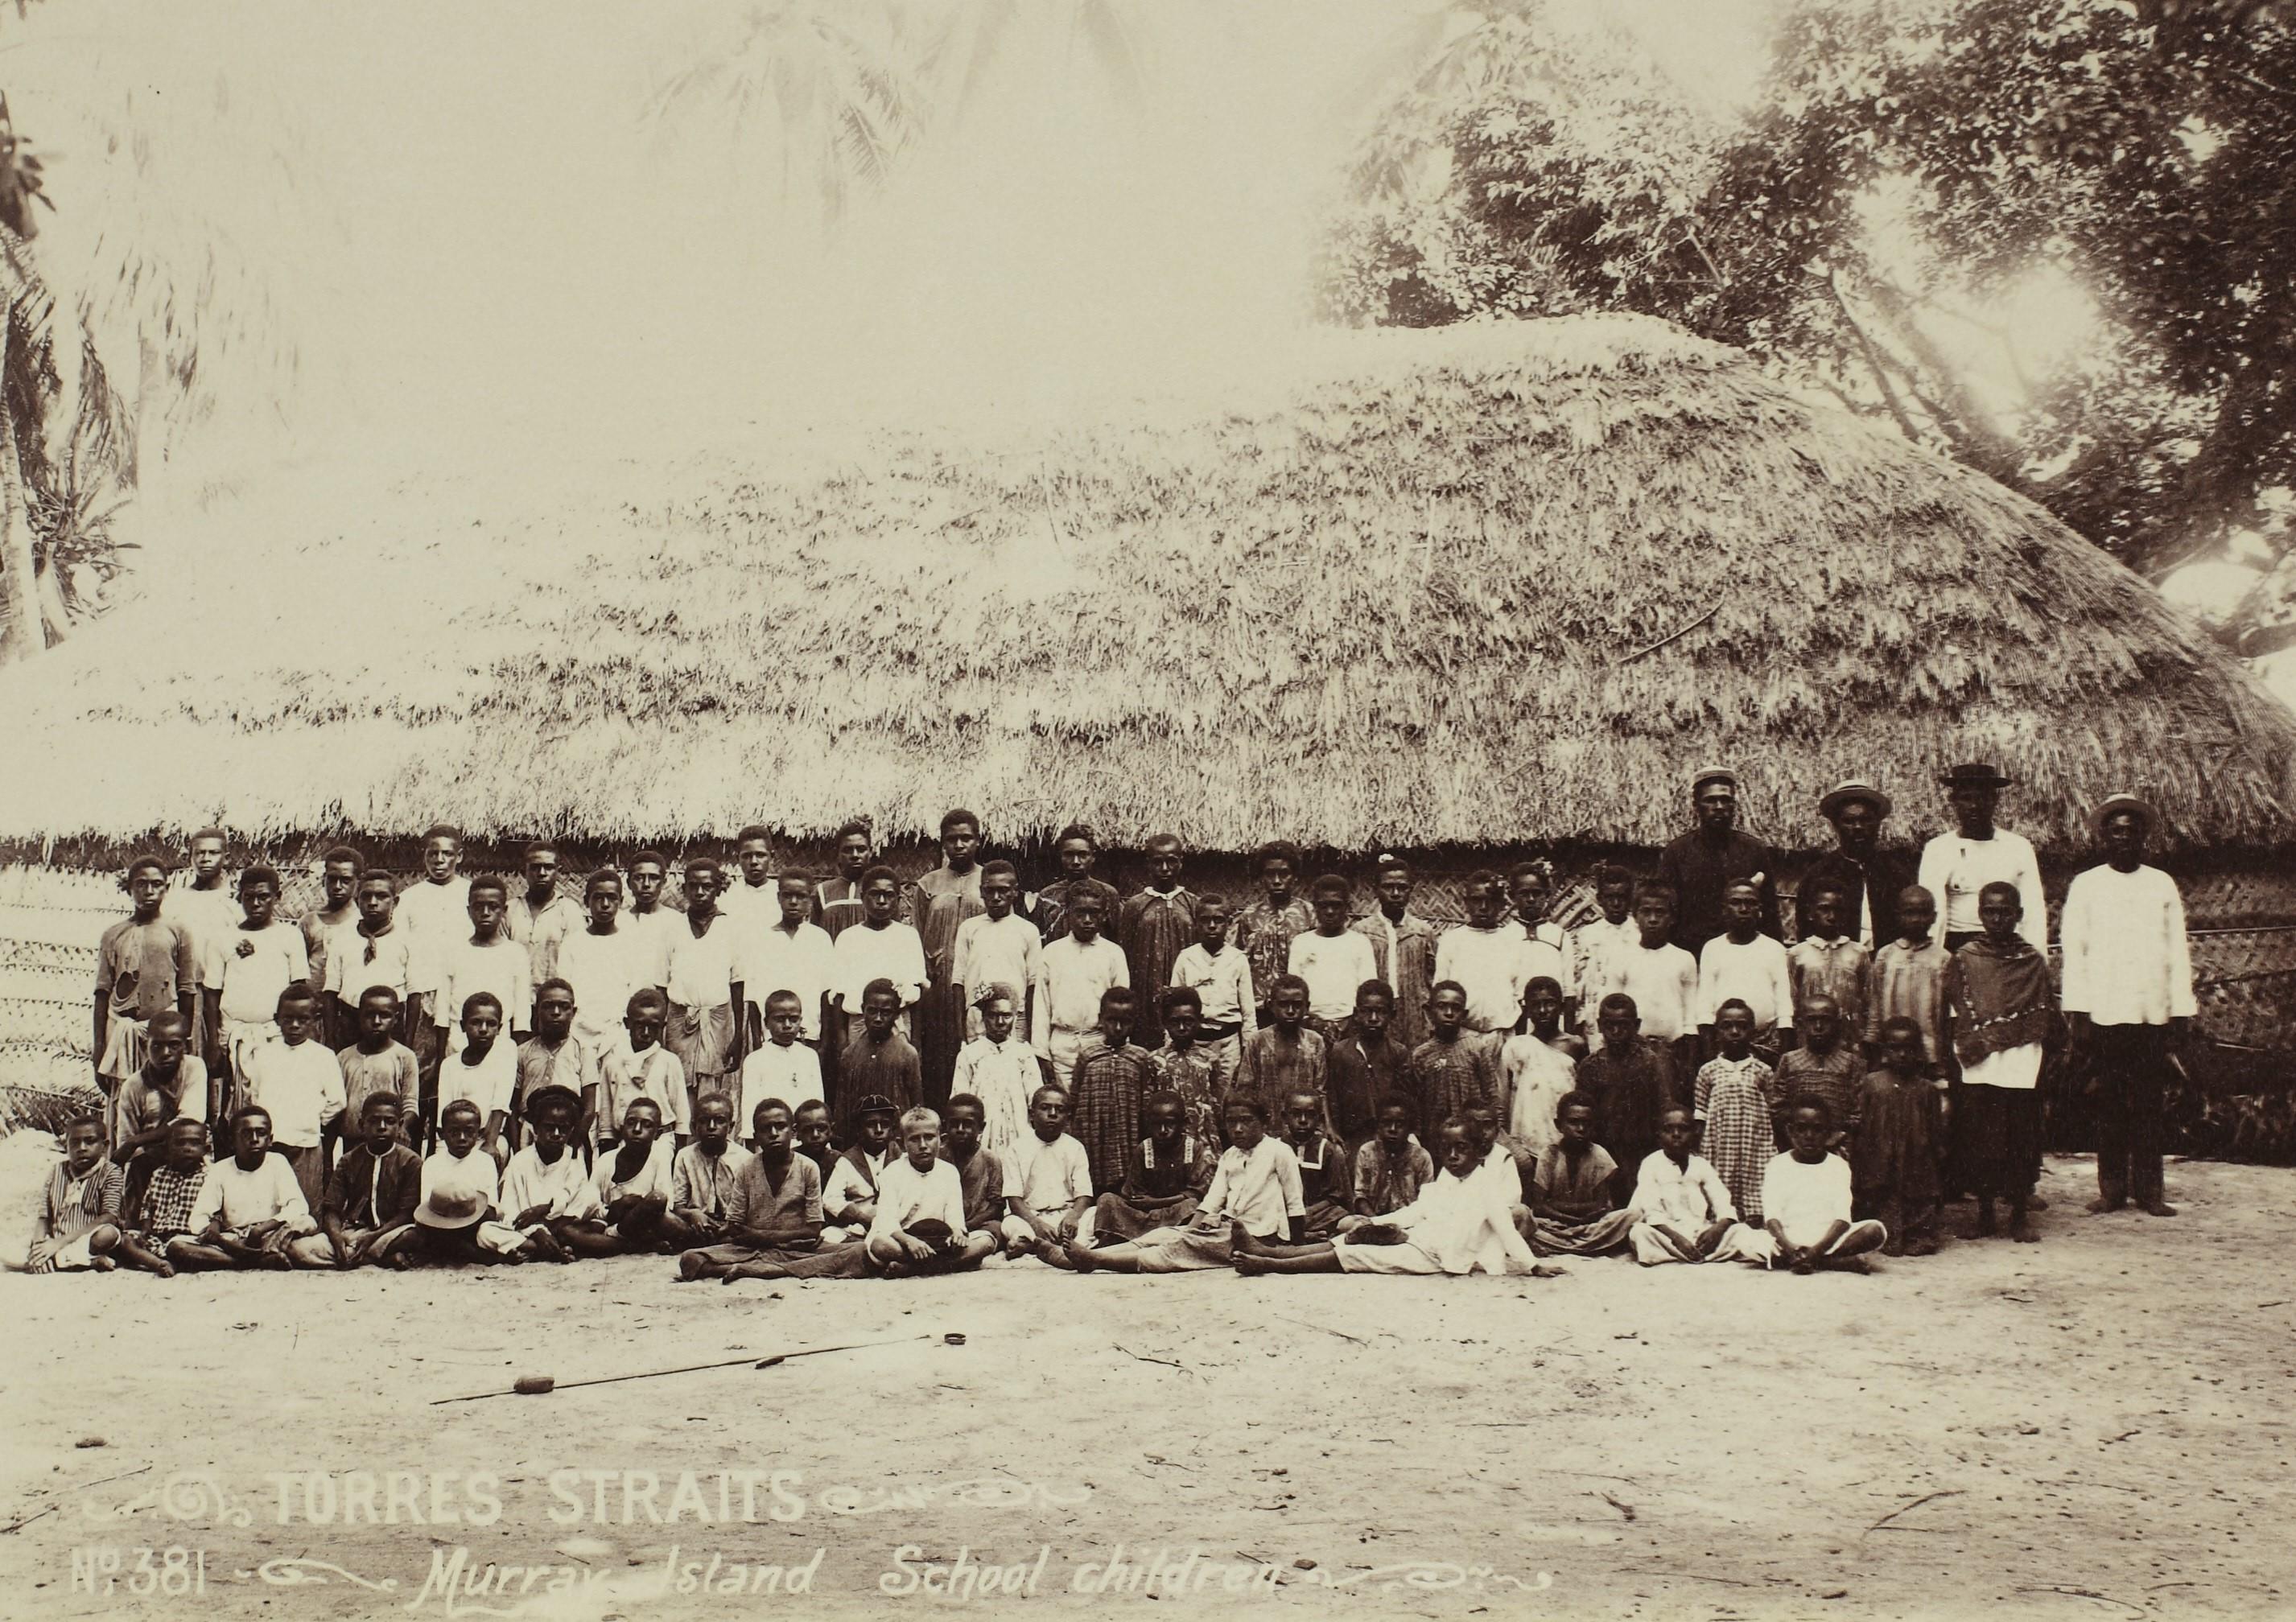 School children, Murray Island, Torres Strait, Queensland, c 1895. Fryer Library, University of Queensland, UQFL 10/634